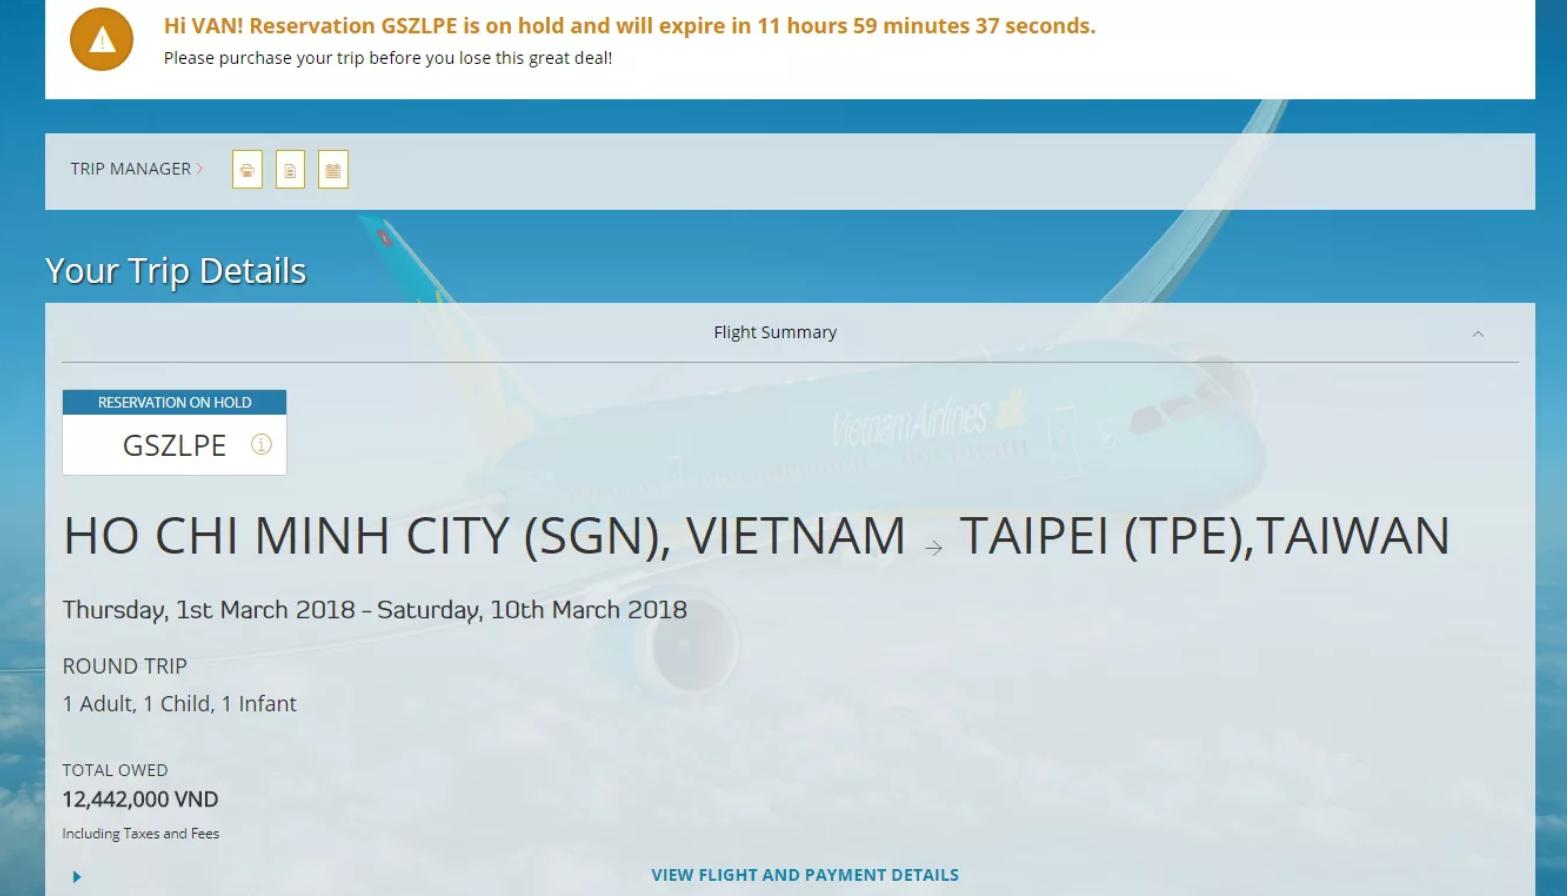 Xác nhận booking - Cách đặt vé máy bay thanh toán sau